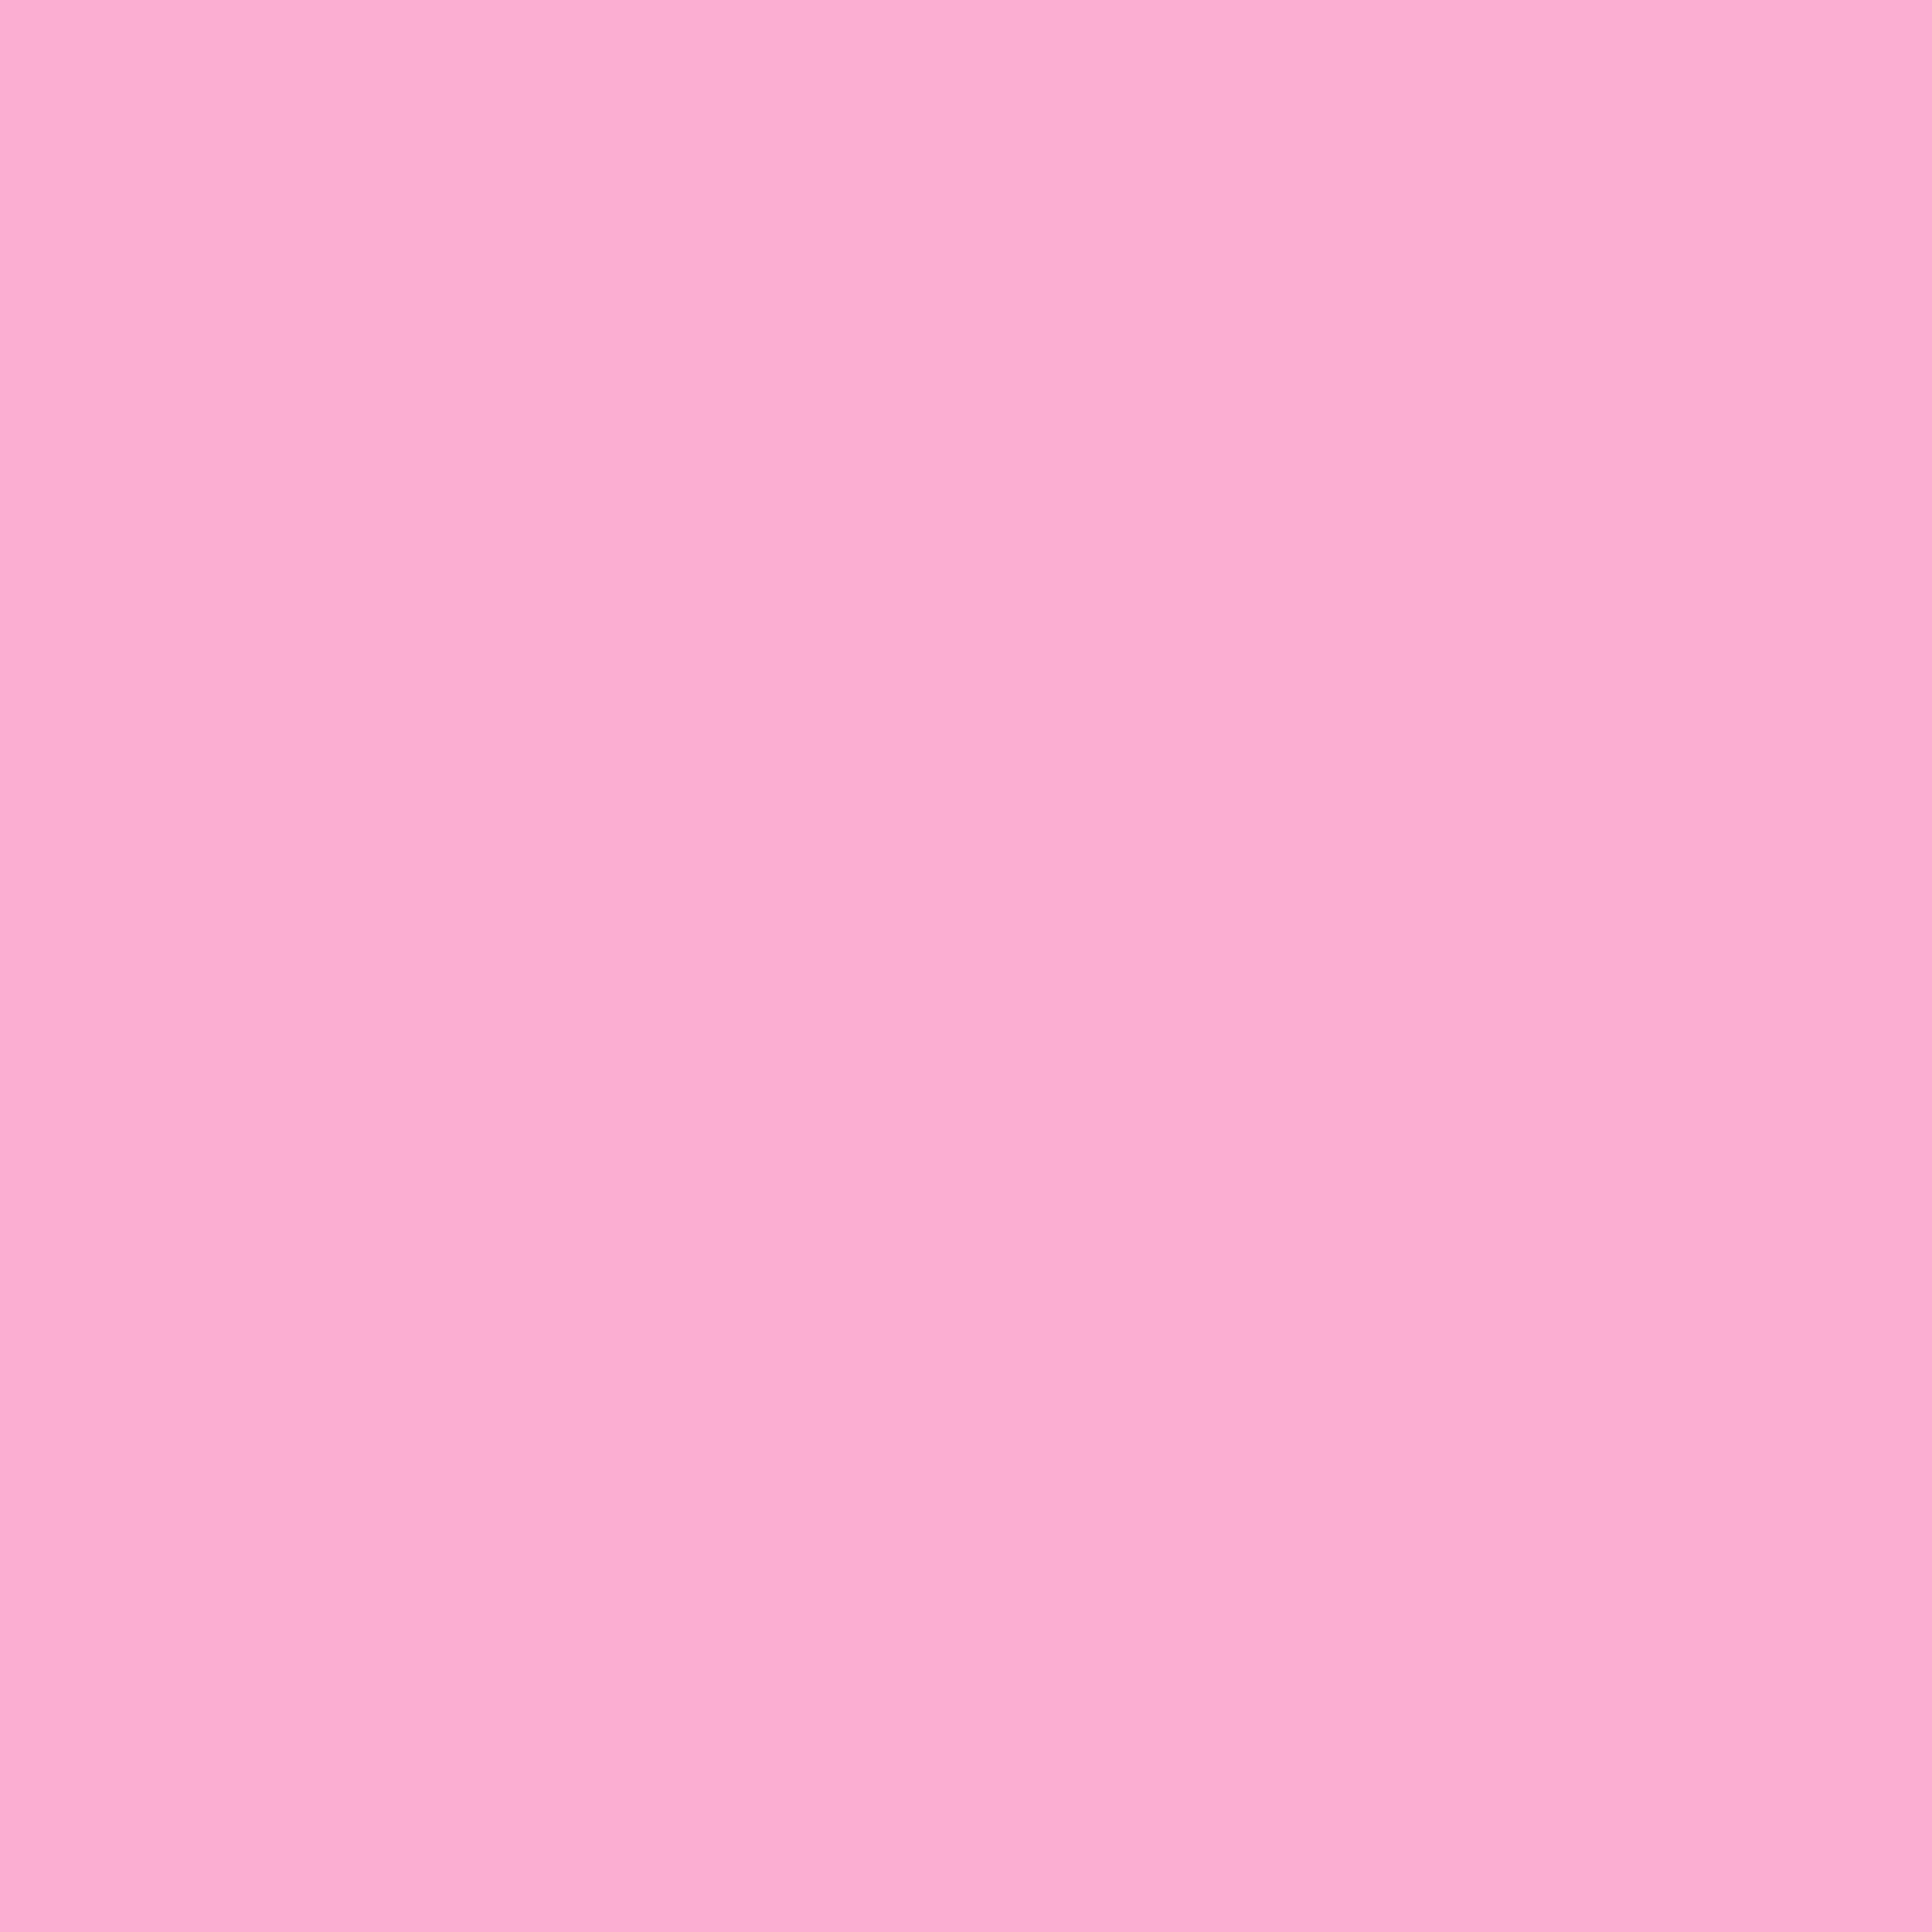 2048x2048 Lavender Pink Solid Color Background